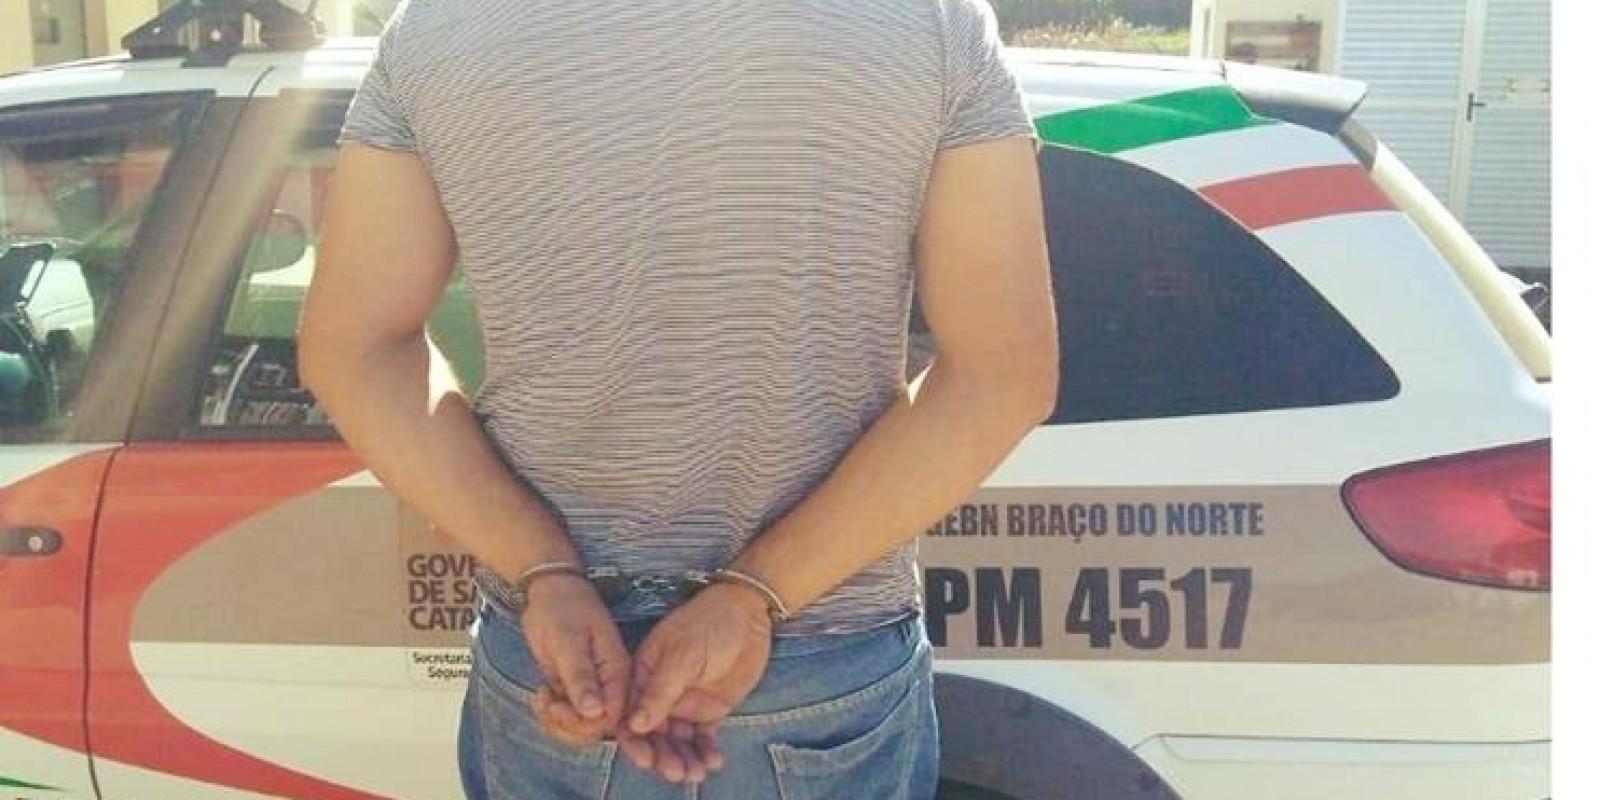 Mandado de prisão ativo, cumprido em Braço do Norte